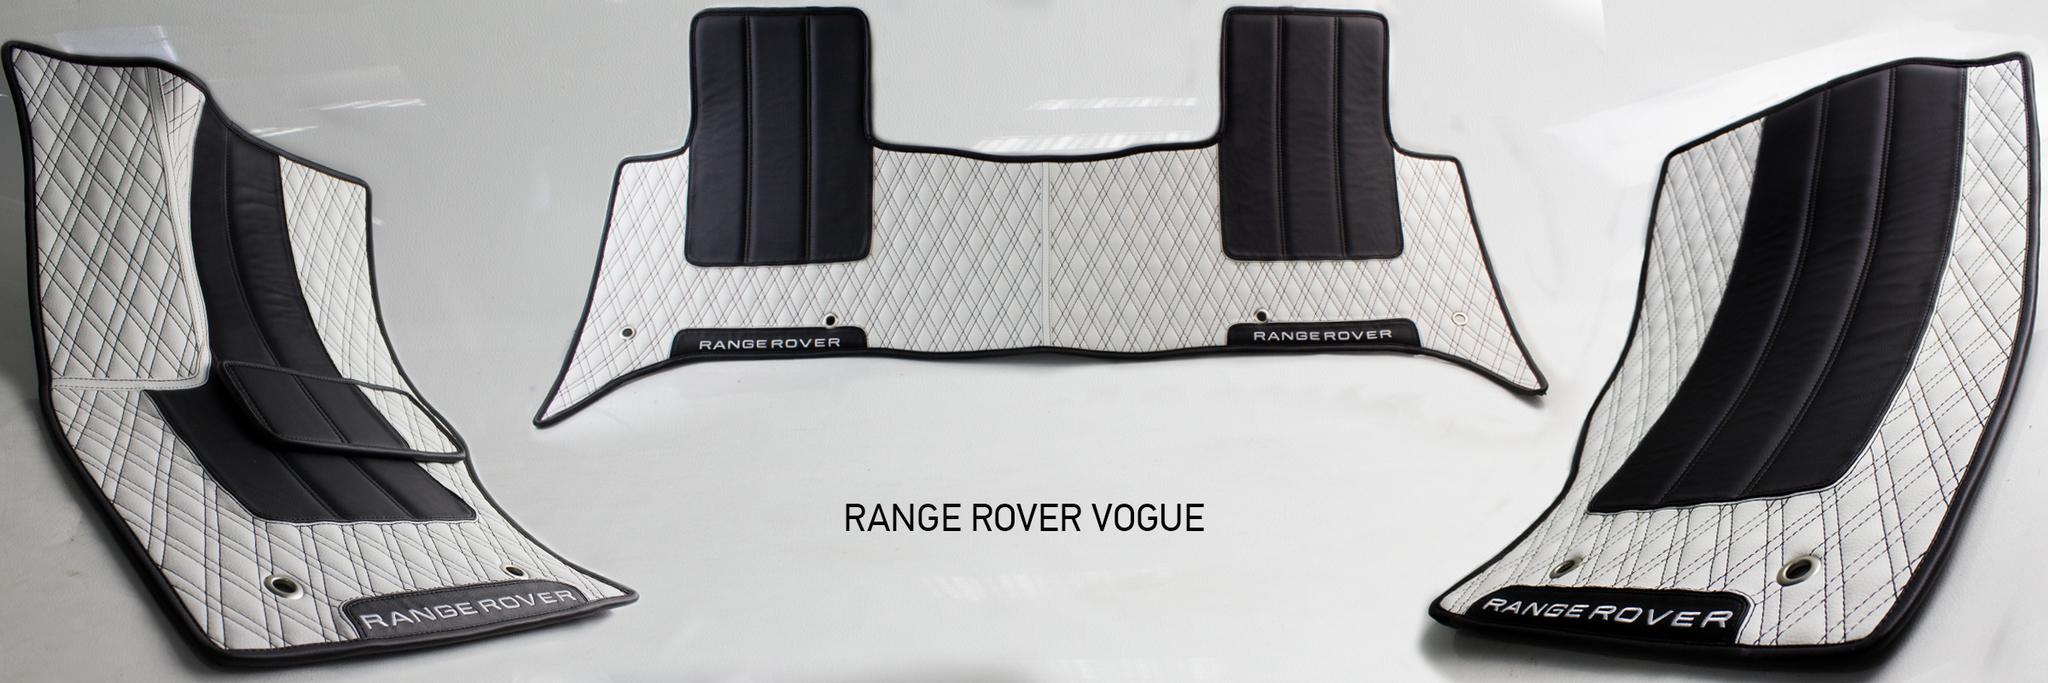 images-products-1-439-232989111-RANGE_ROVER_VOGUEdd.jpg